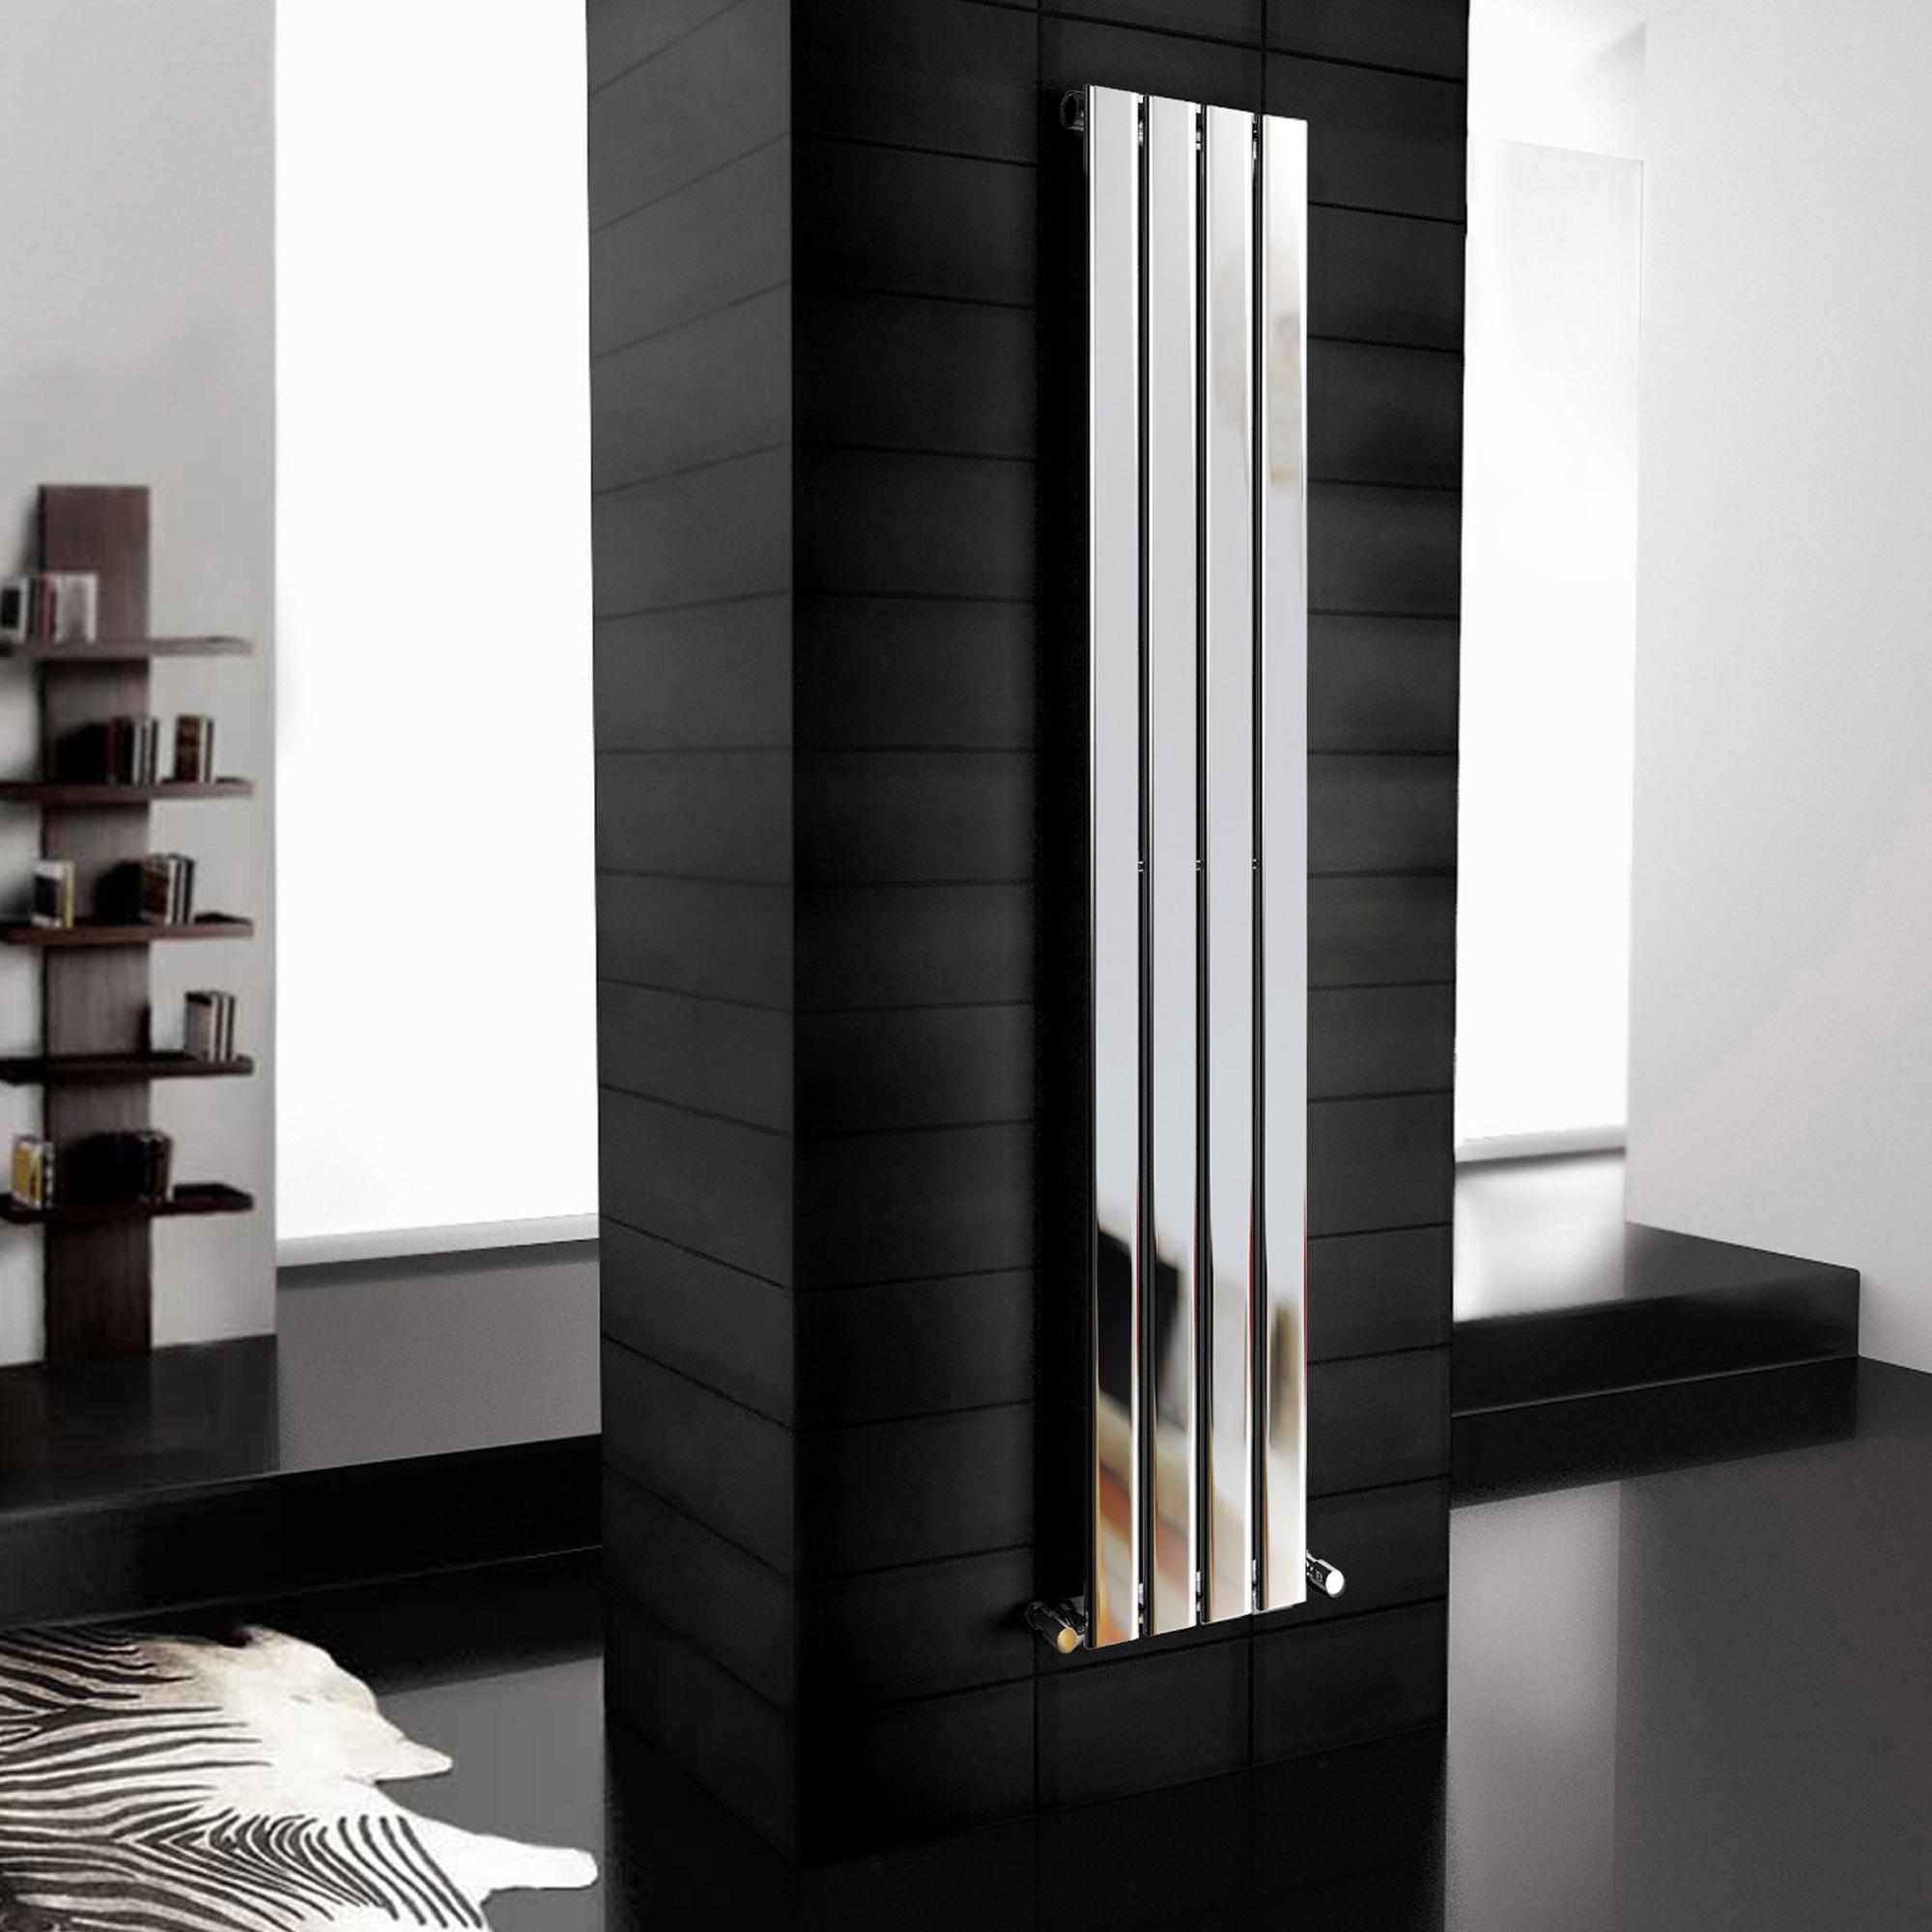 Вертикальный радиатор в стиле модерн